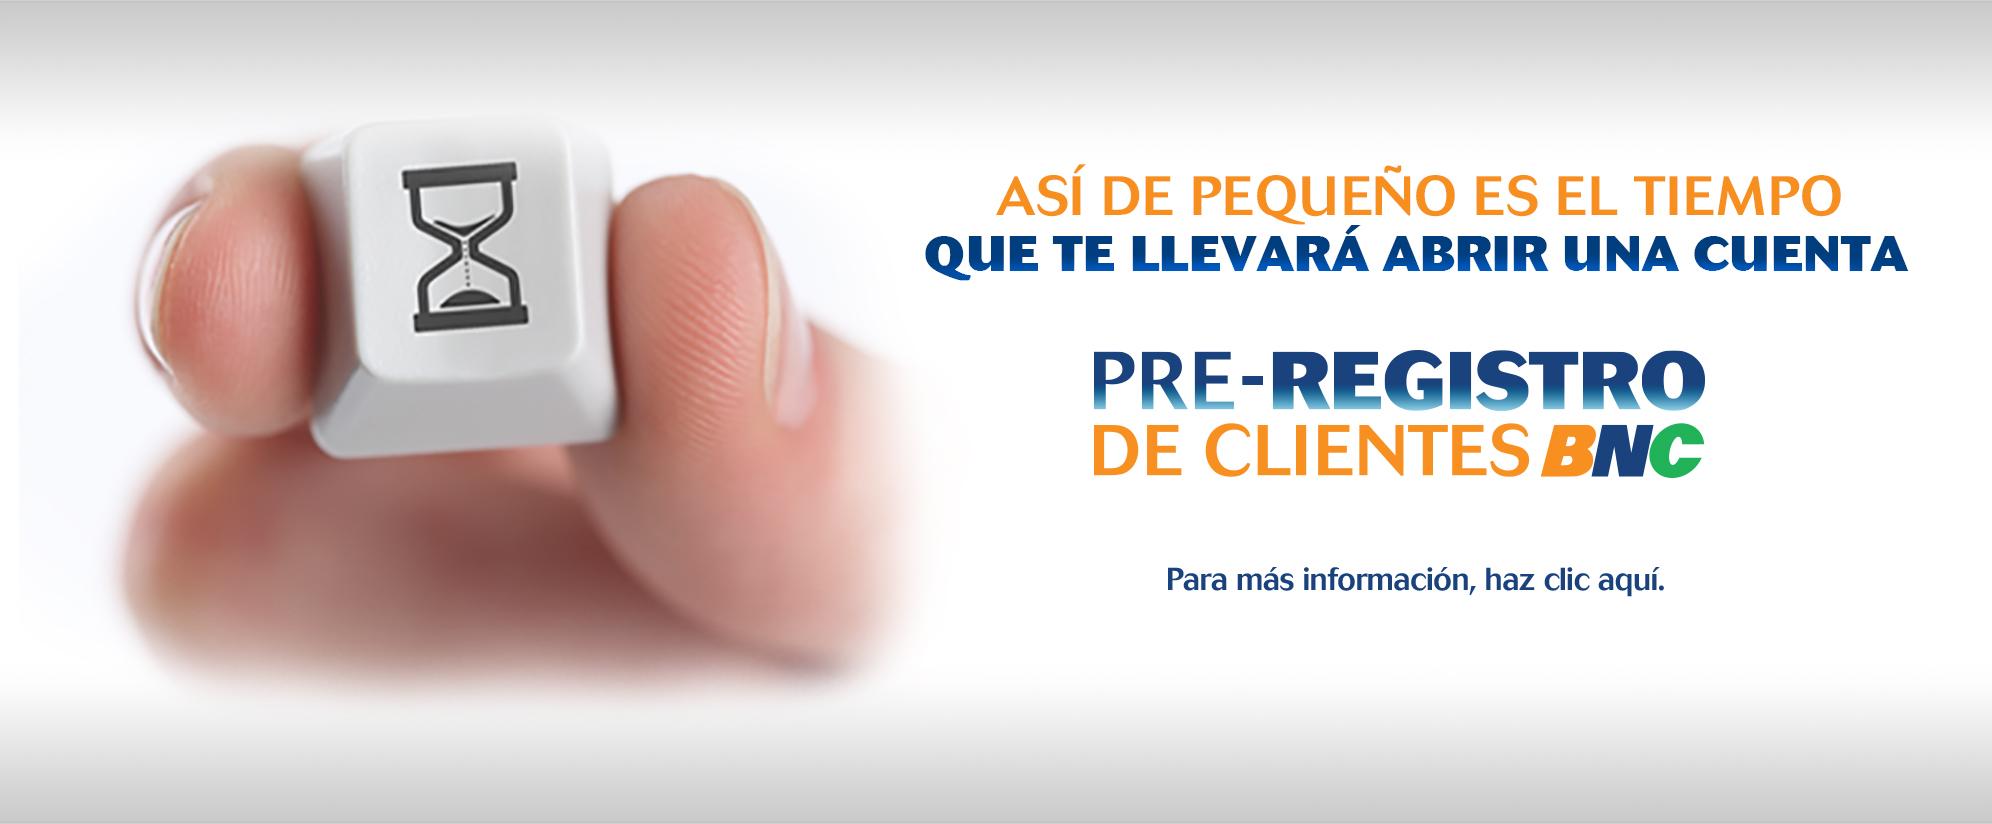 pre registro banco nacional de credito